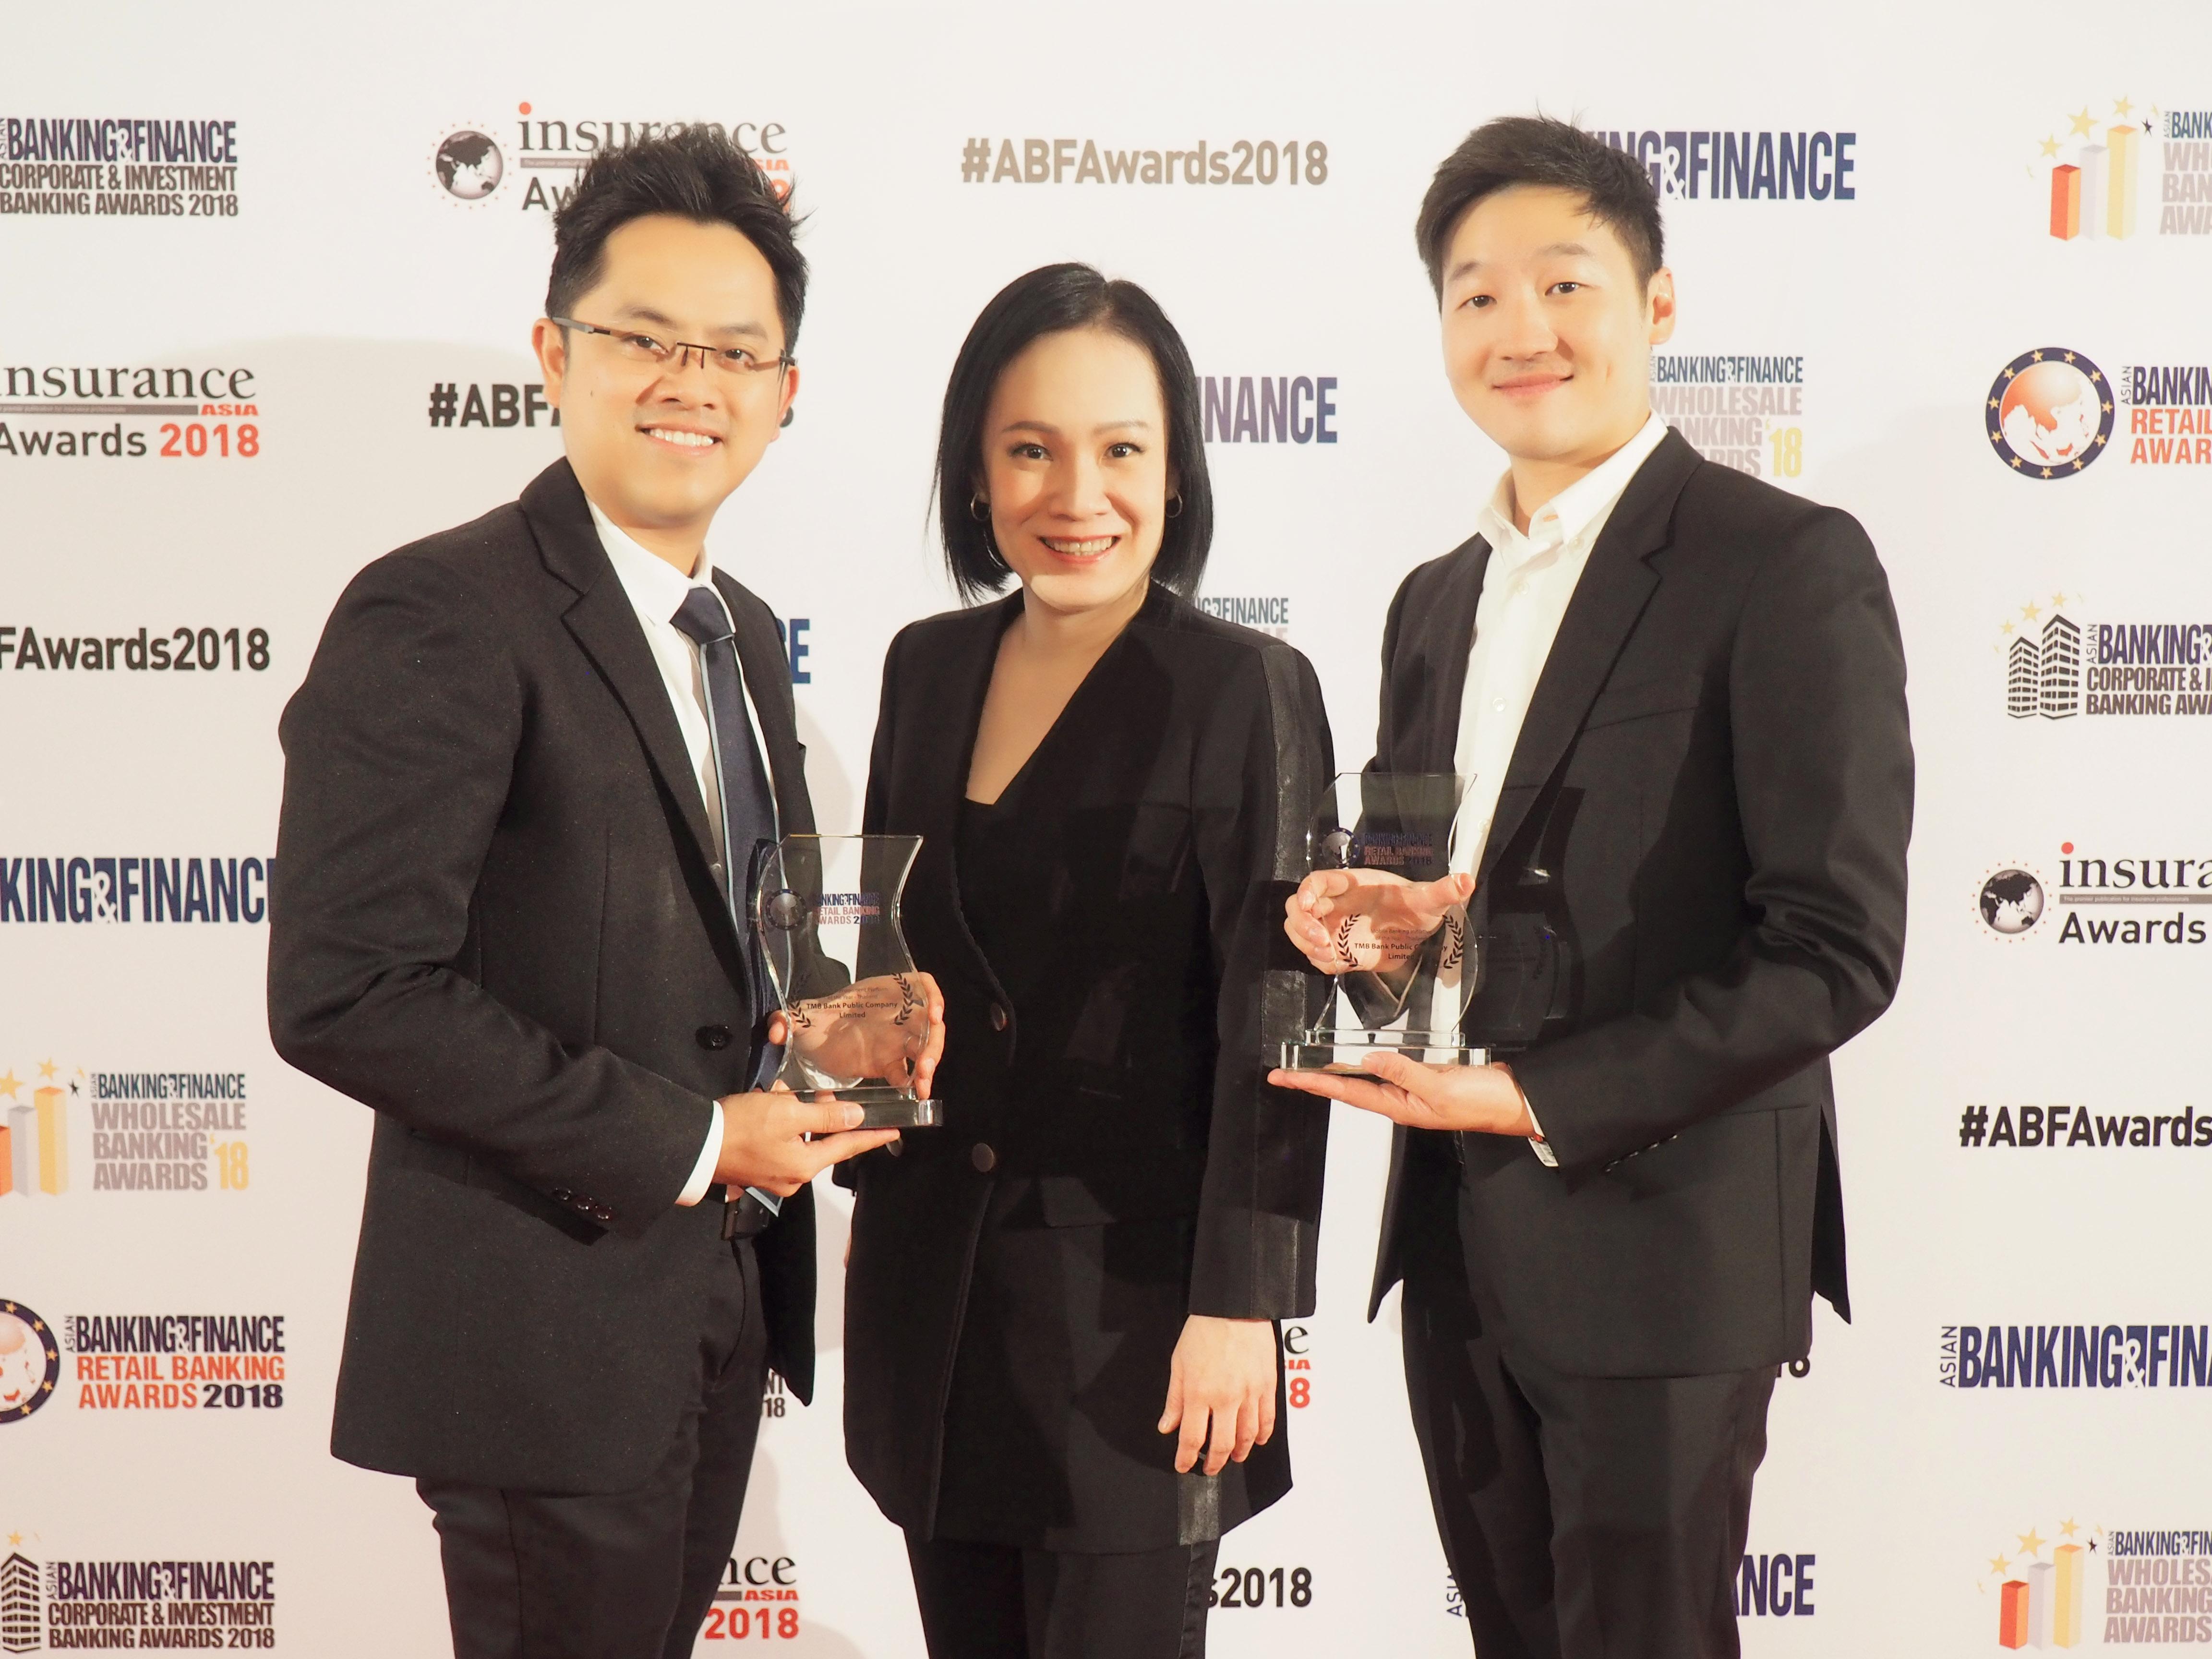 ทีเอ็มบี คว้า 2 รางวัลใหญ่จากเวที Asian Banking & Finance Awards 2018